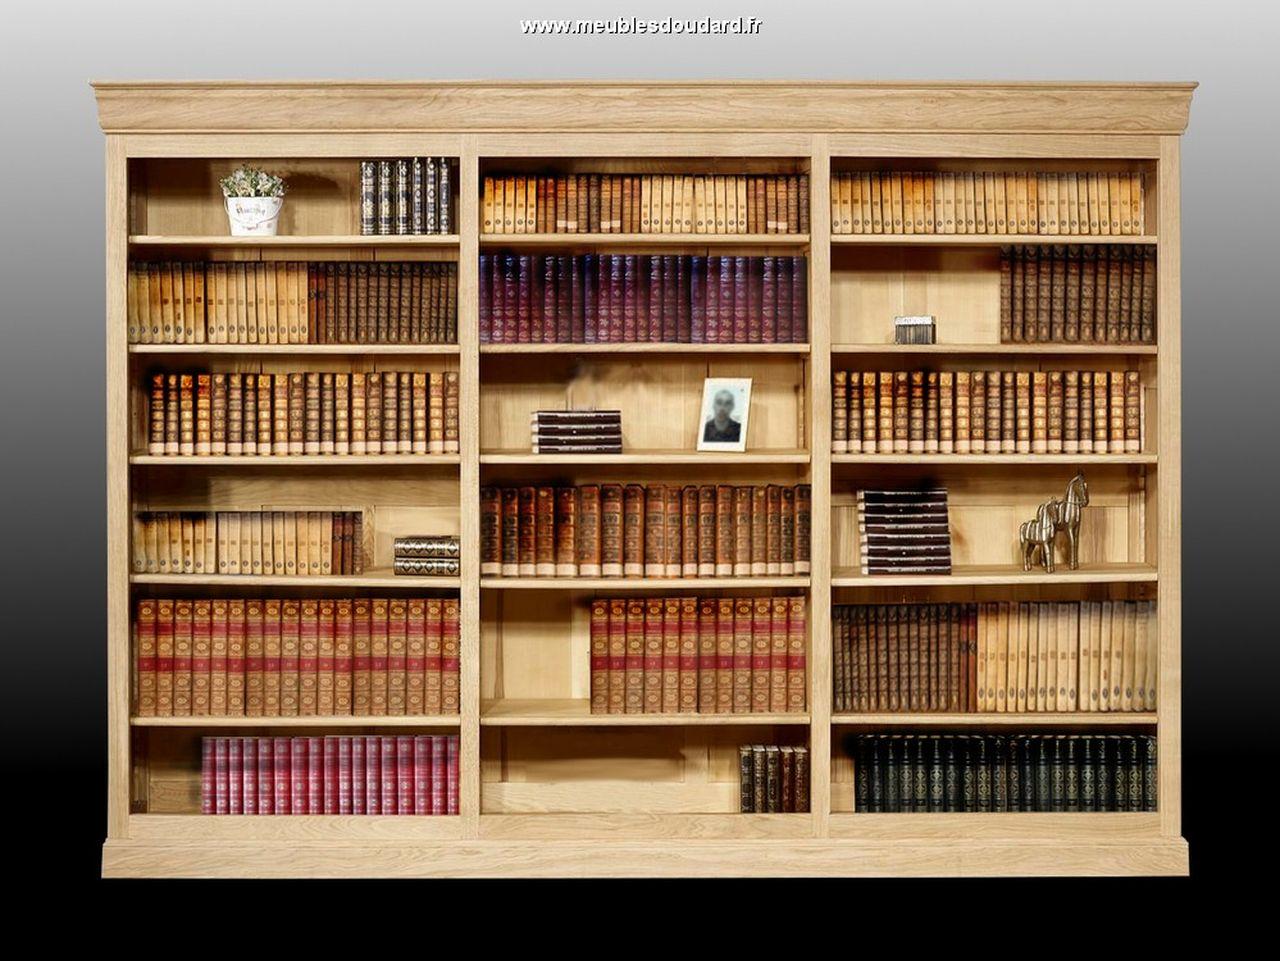 Biblioth u00e8queàétag u00e8res en ch u00eane, meuble biblioth u00e8que Louis Philippe en ch u00eane, biblioth u00e8que  # Bibliothèque Modulable Bois Massif